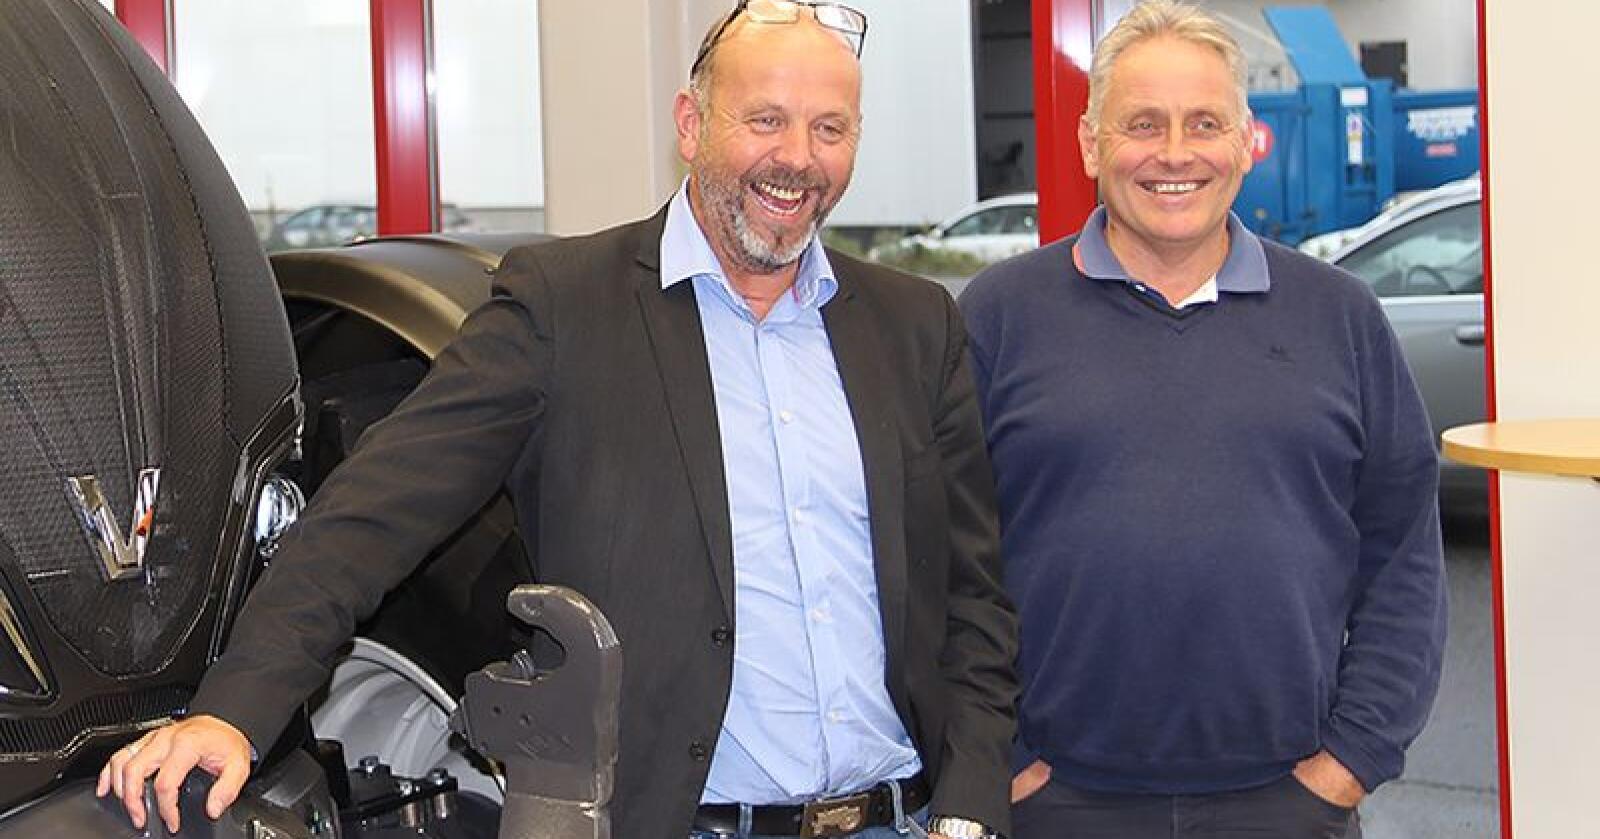 Konsernsjef i BR Industrier, Bjørn Rygg (f.v) og daglig leder i Akershus Traktor, Ole Hveem har ambisøse mål for samarbeidet. (Foto: Iver Gamme)